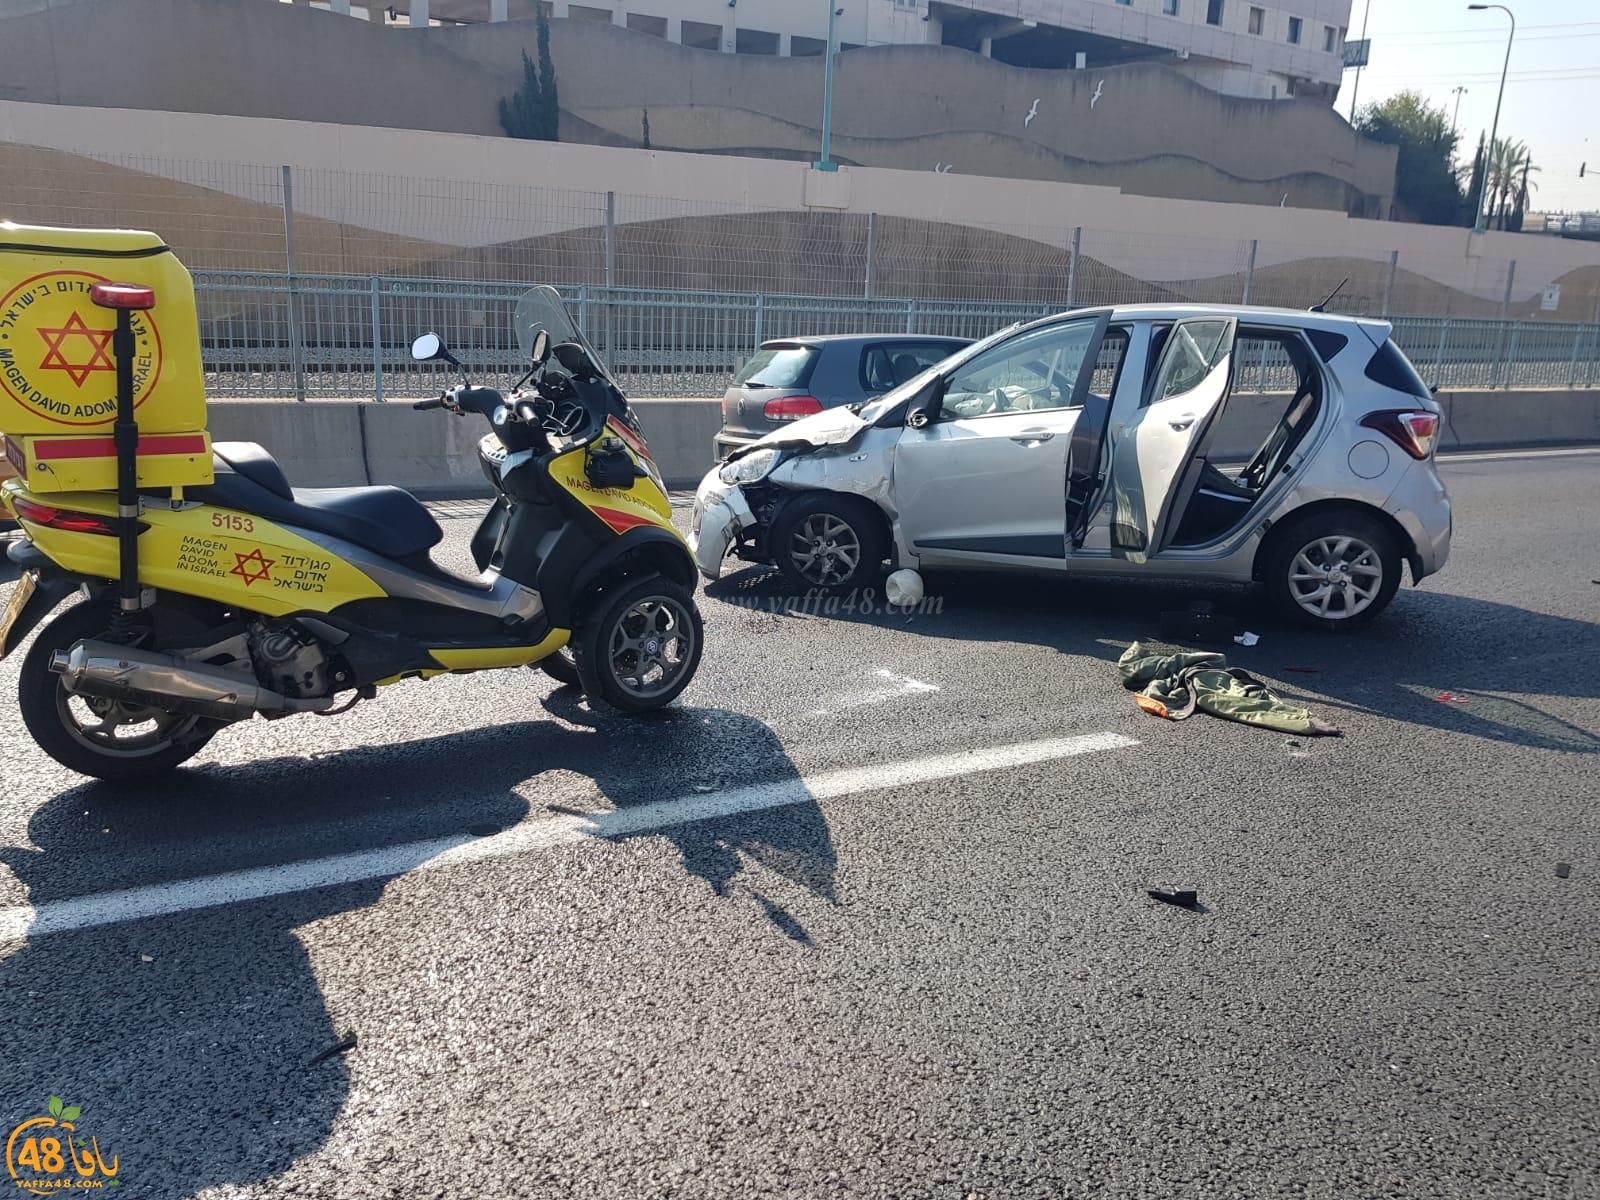 اصابة طفيفة لشخصين بحادث طرق قرب مفرق فولفسون جنوب يافا